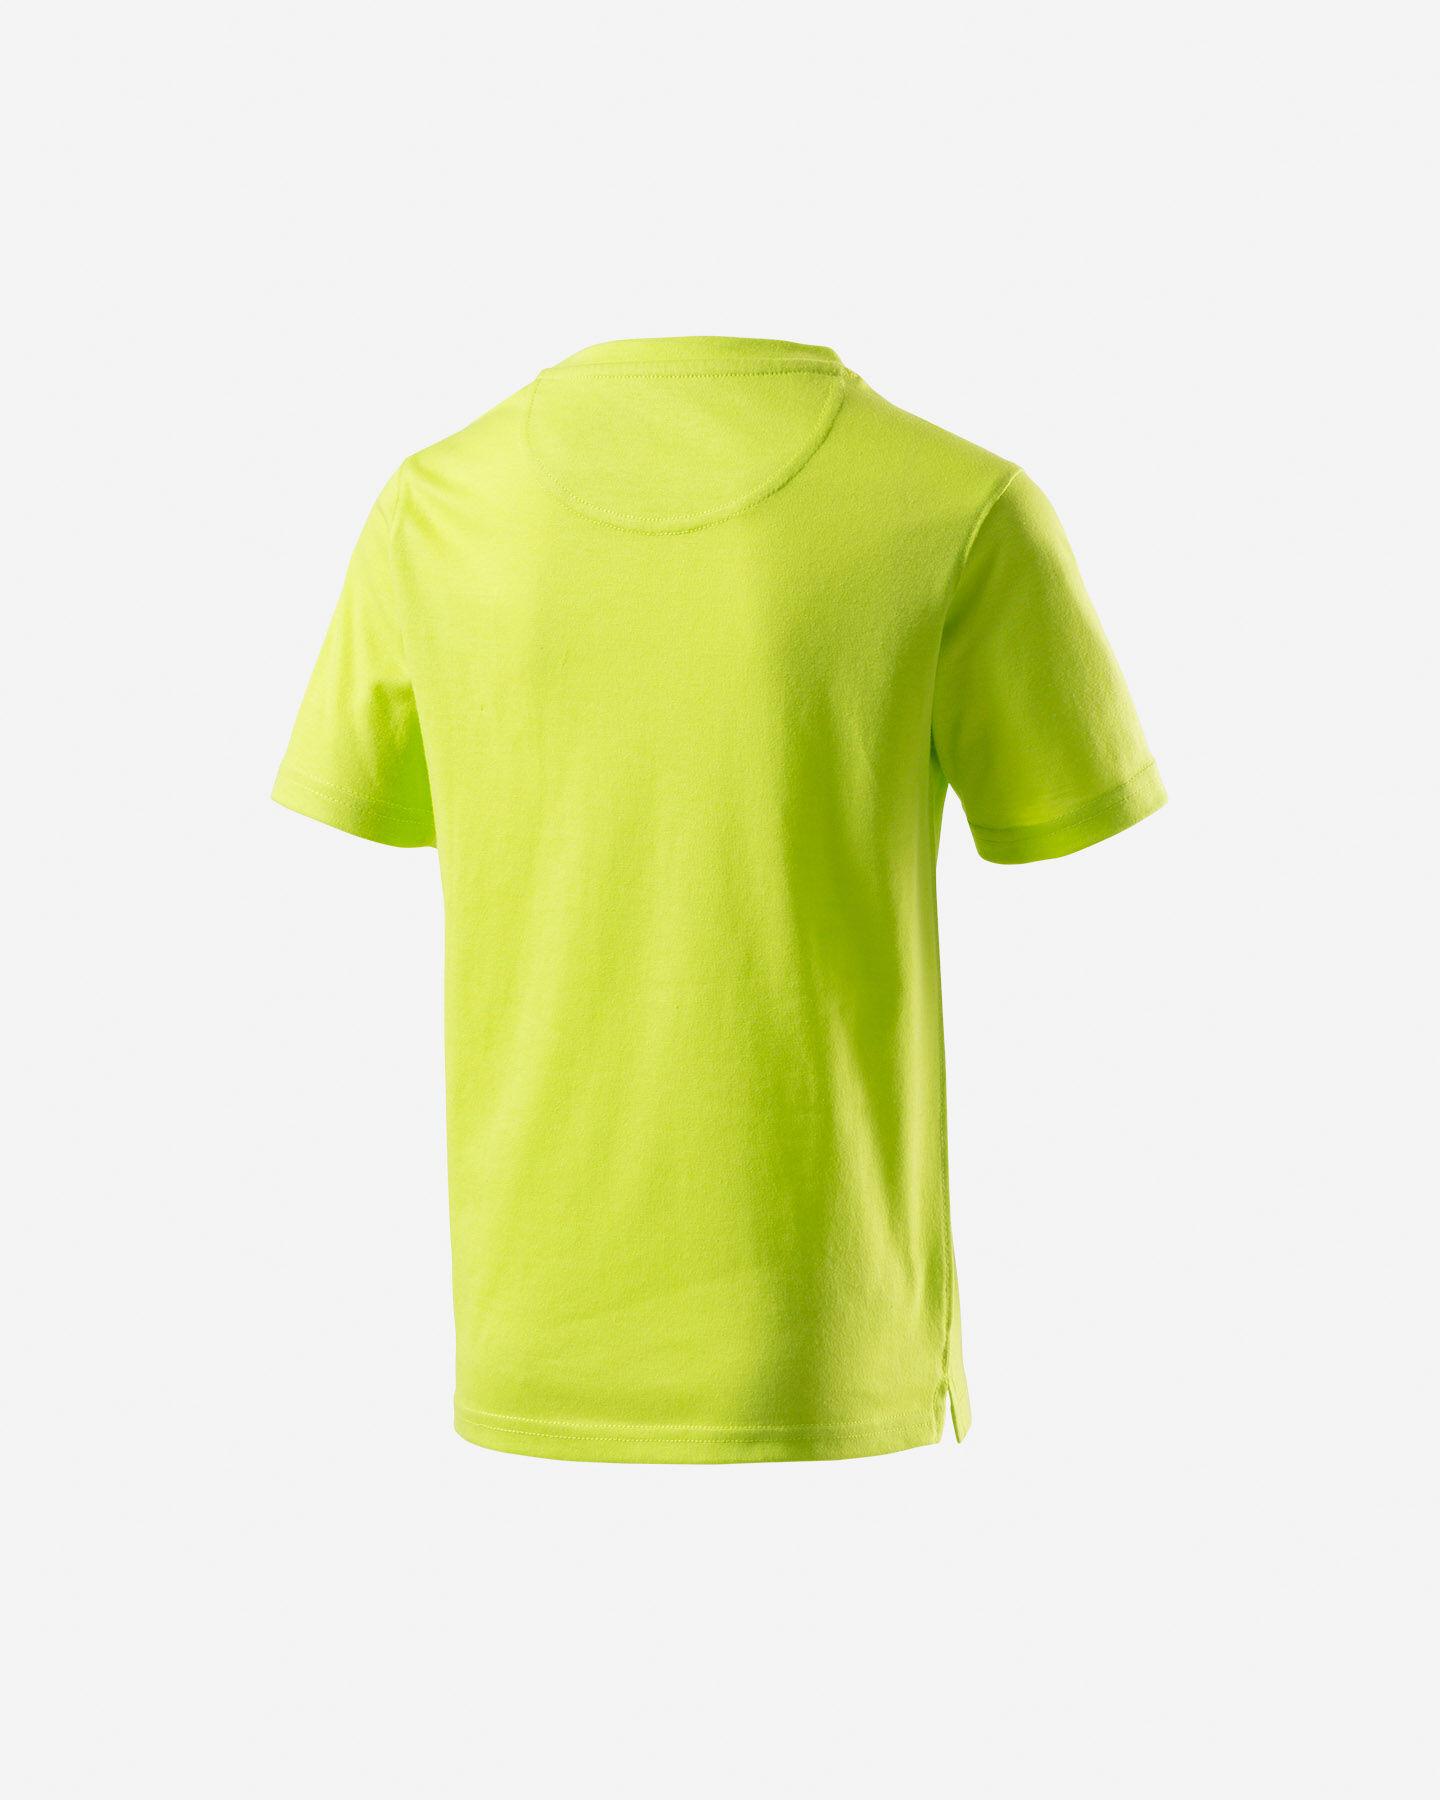 T-Shirt MCKINLEY ZIYA JR S2004110 scatto 1